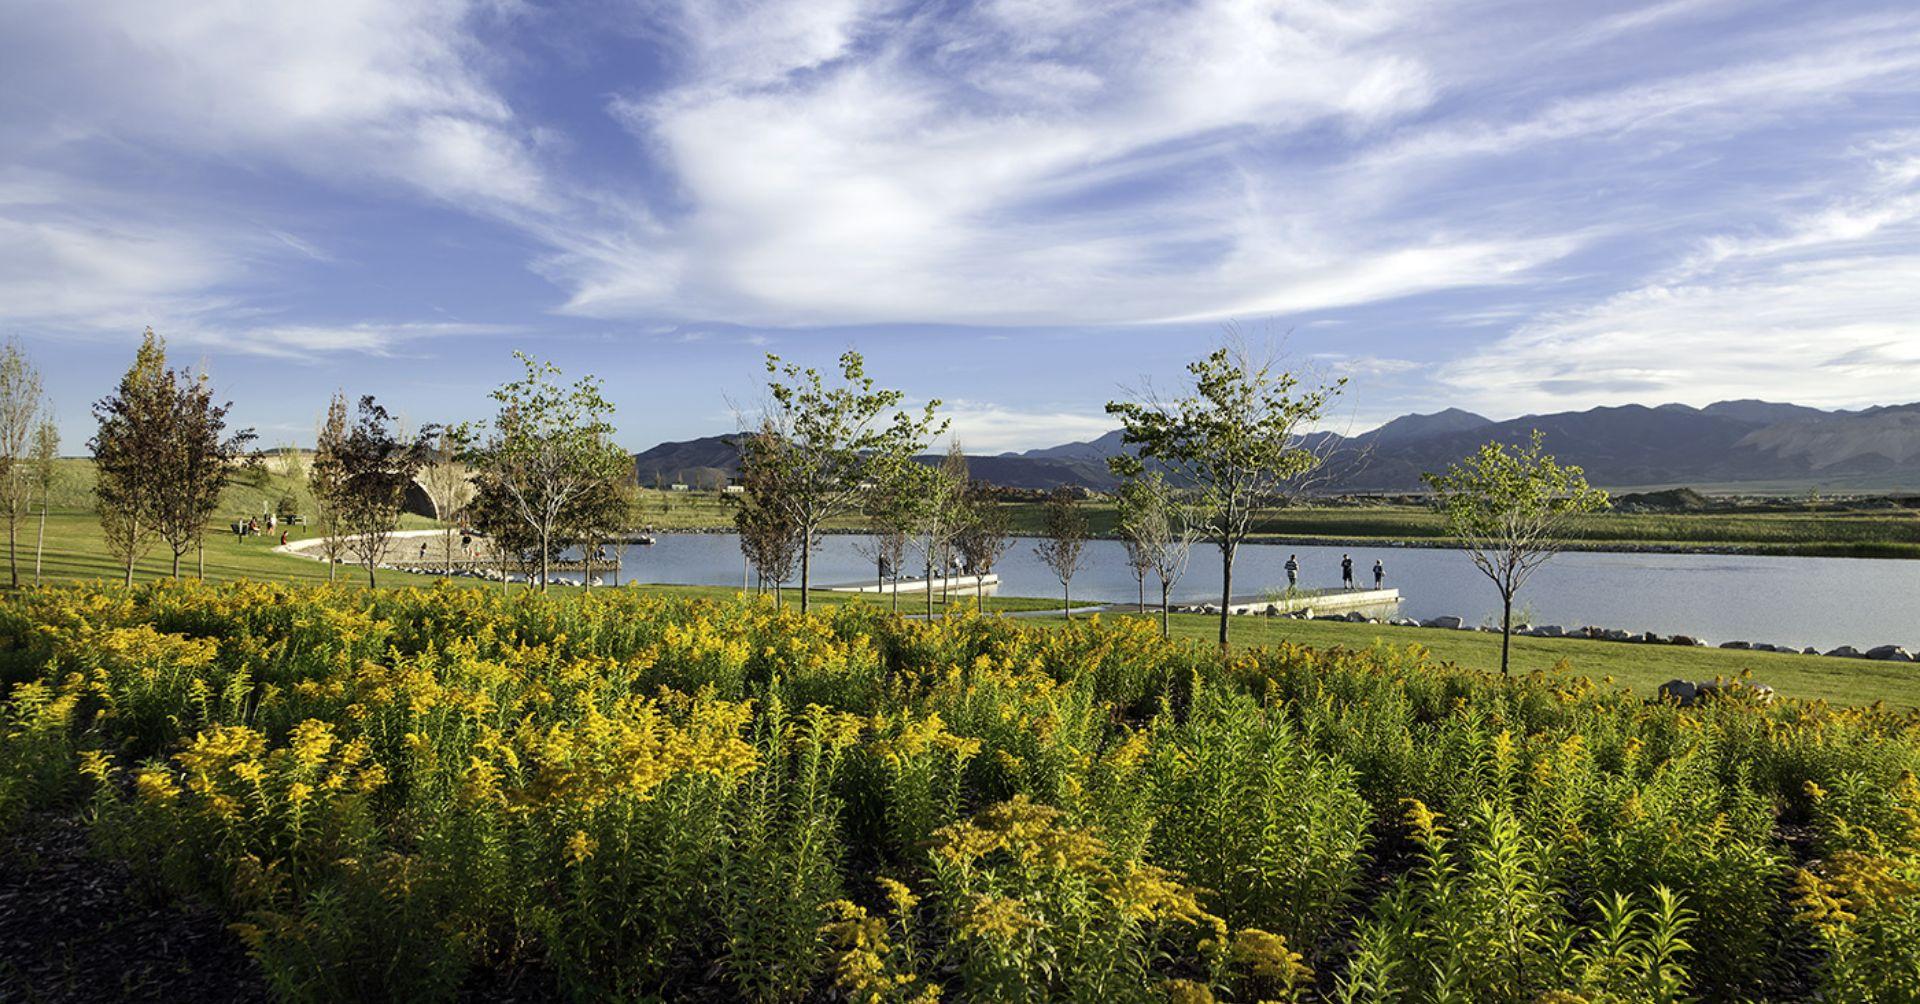 Lake Grass View